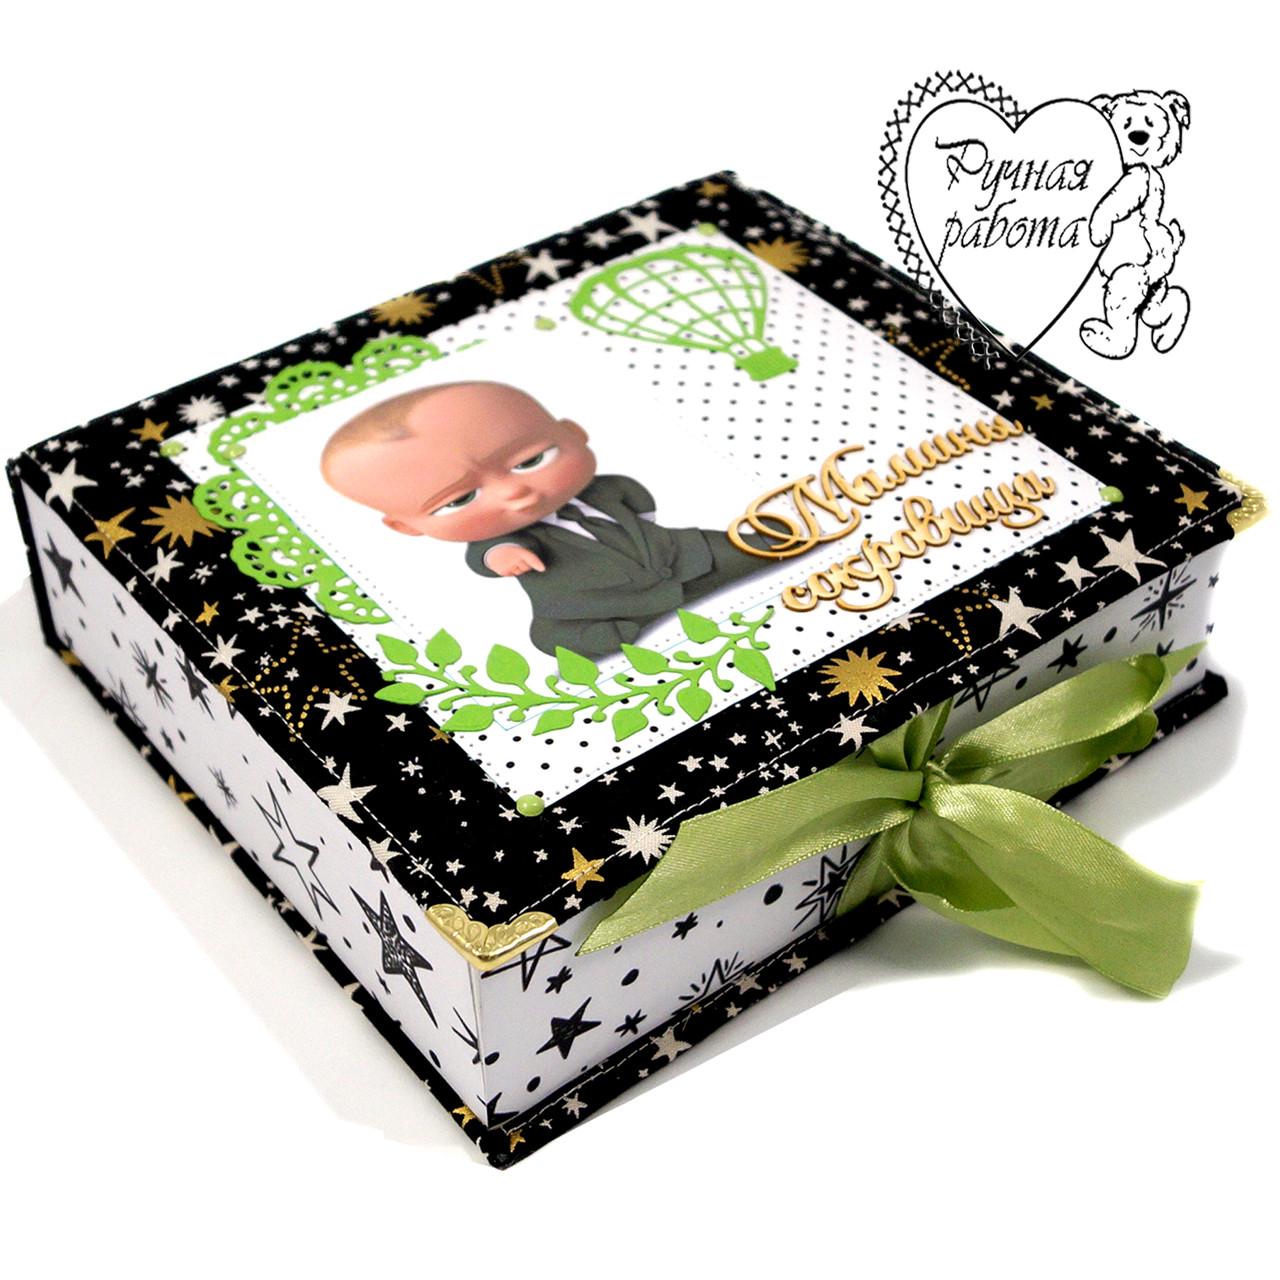 Шкатулка Мамины сокровища на рождение для мальчика Беби Босс ручной работы 18 на 20 см, большая